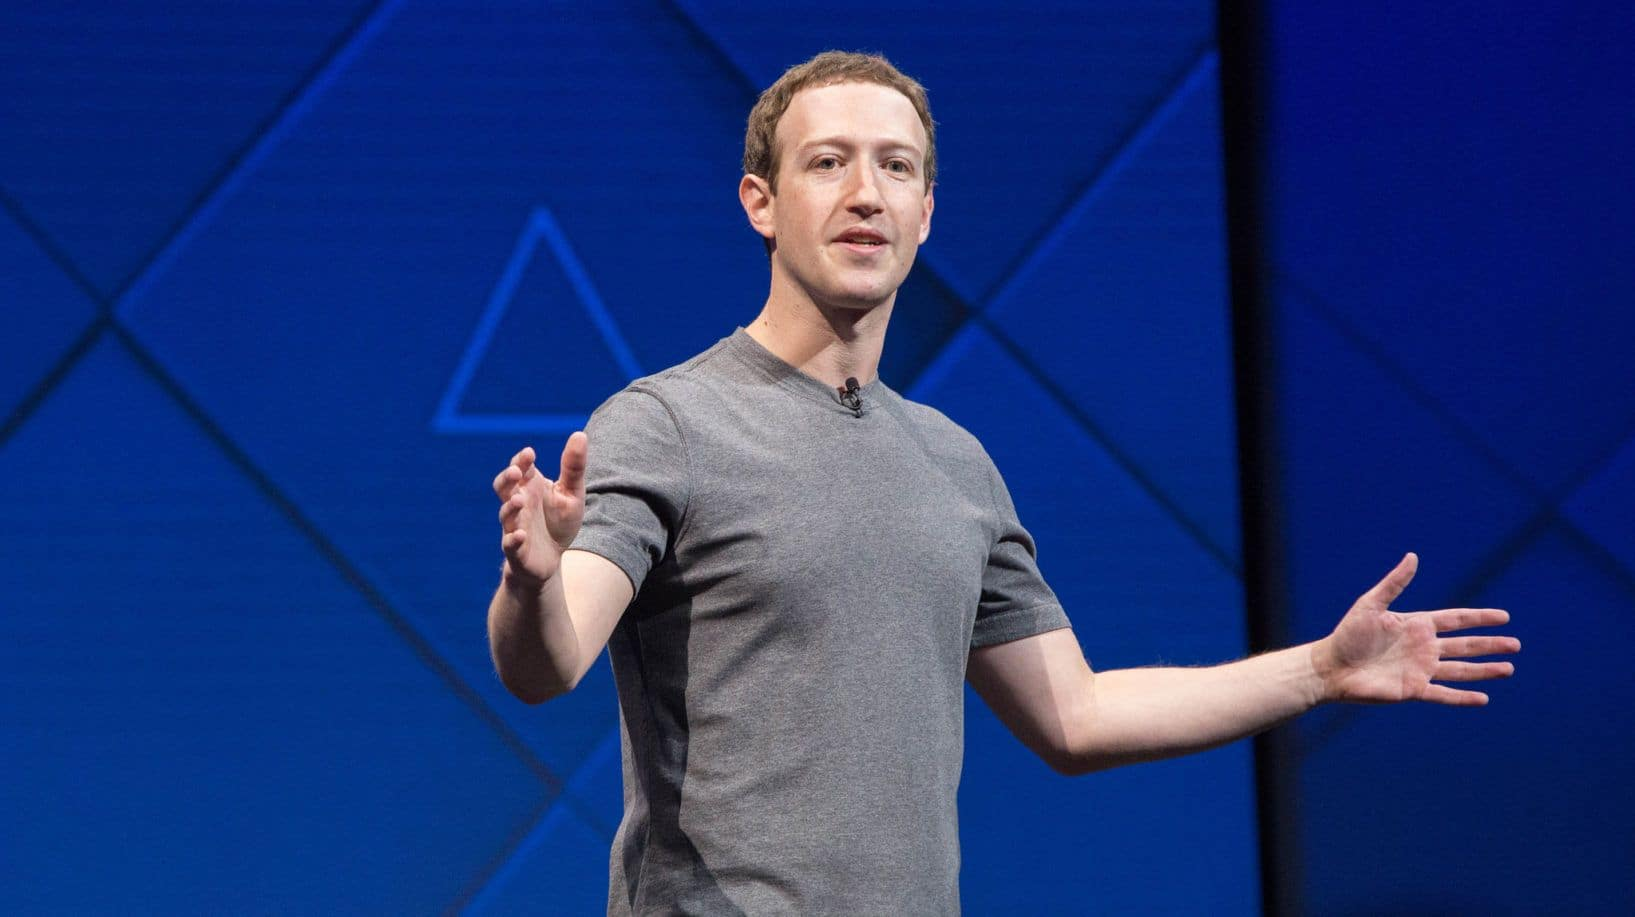 Mark Zuckerberg hakkında bilgiler